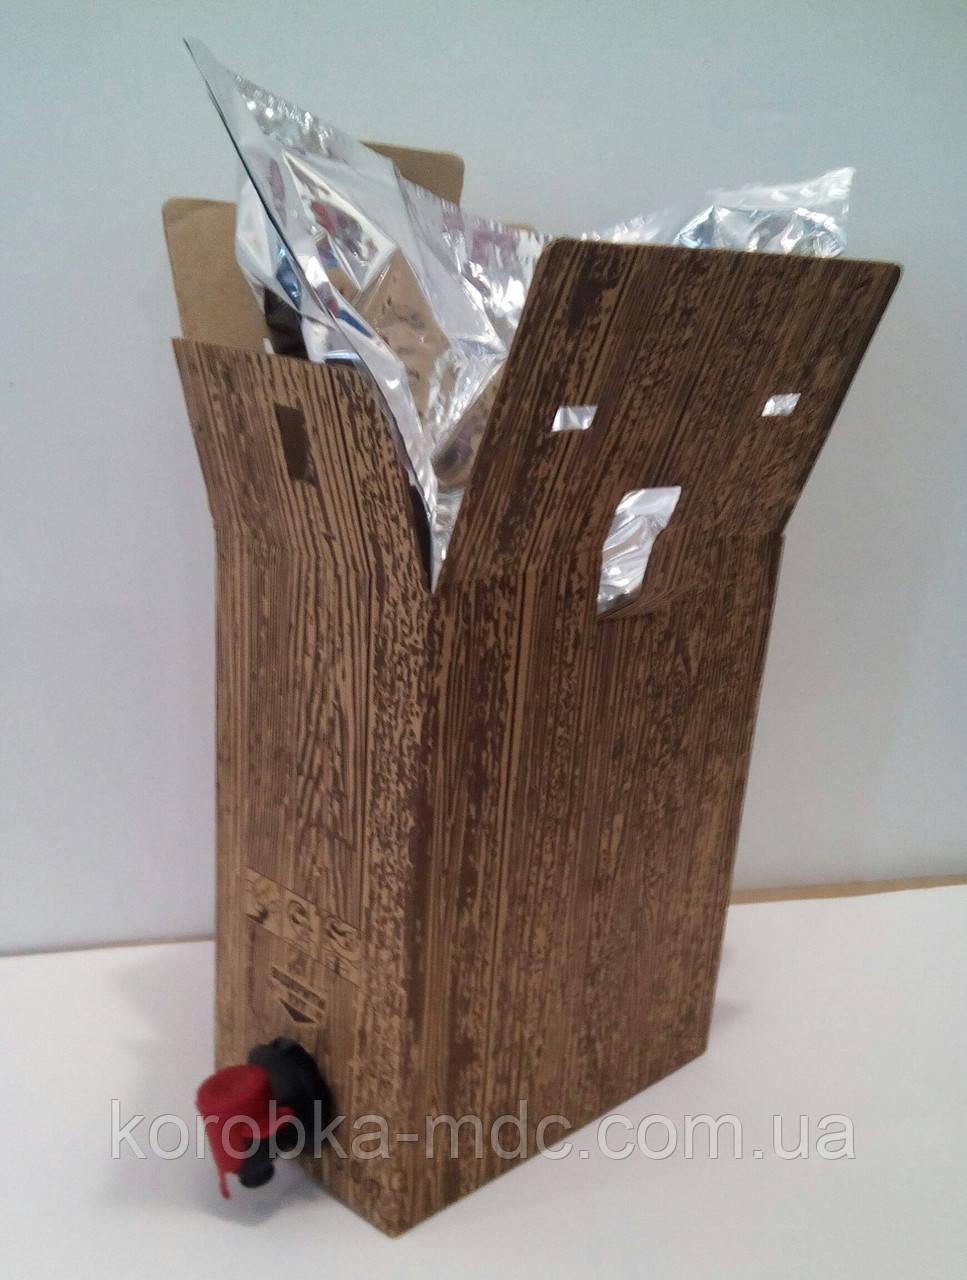 Картонная коробка Дерево с пакетом 3 литра